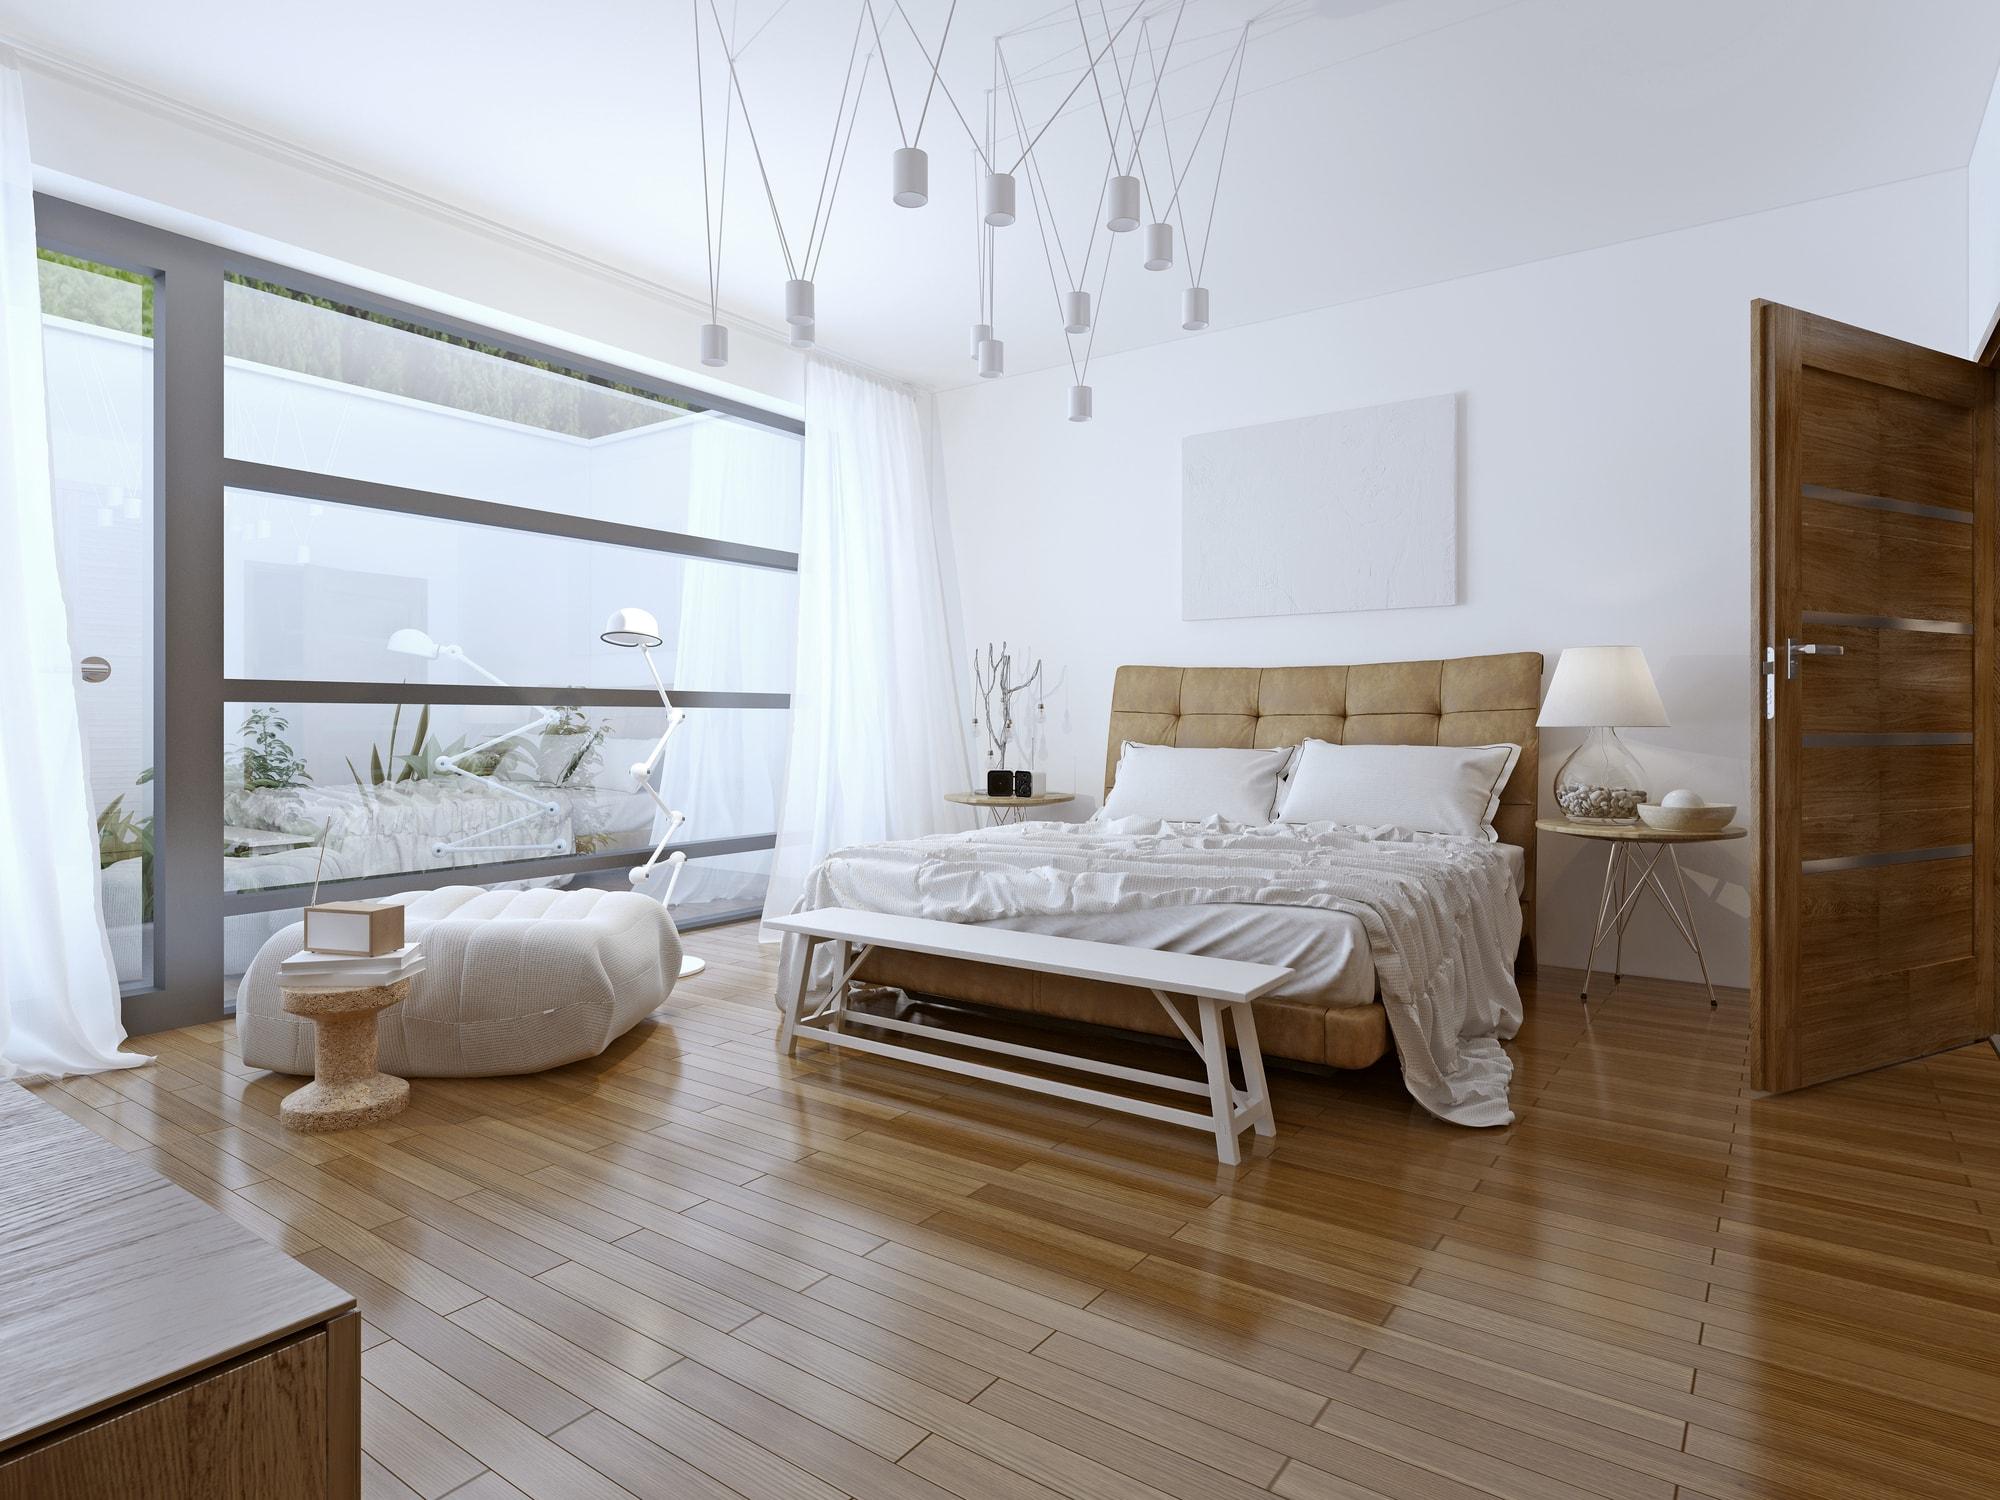 Podłoga w sypialni - płytki